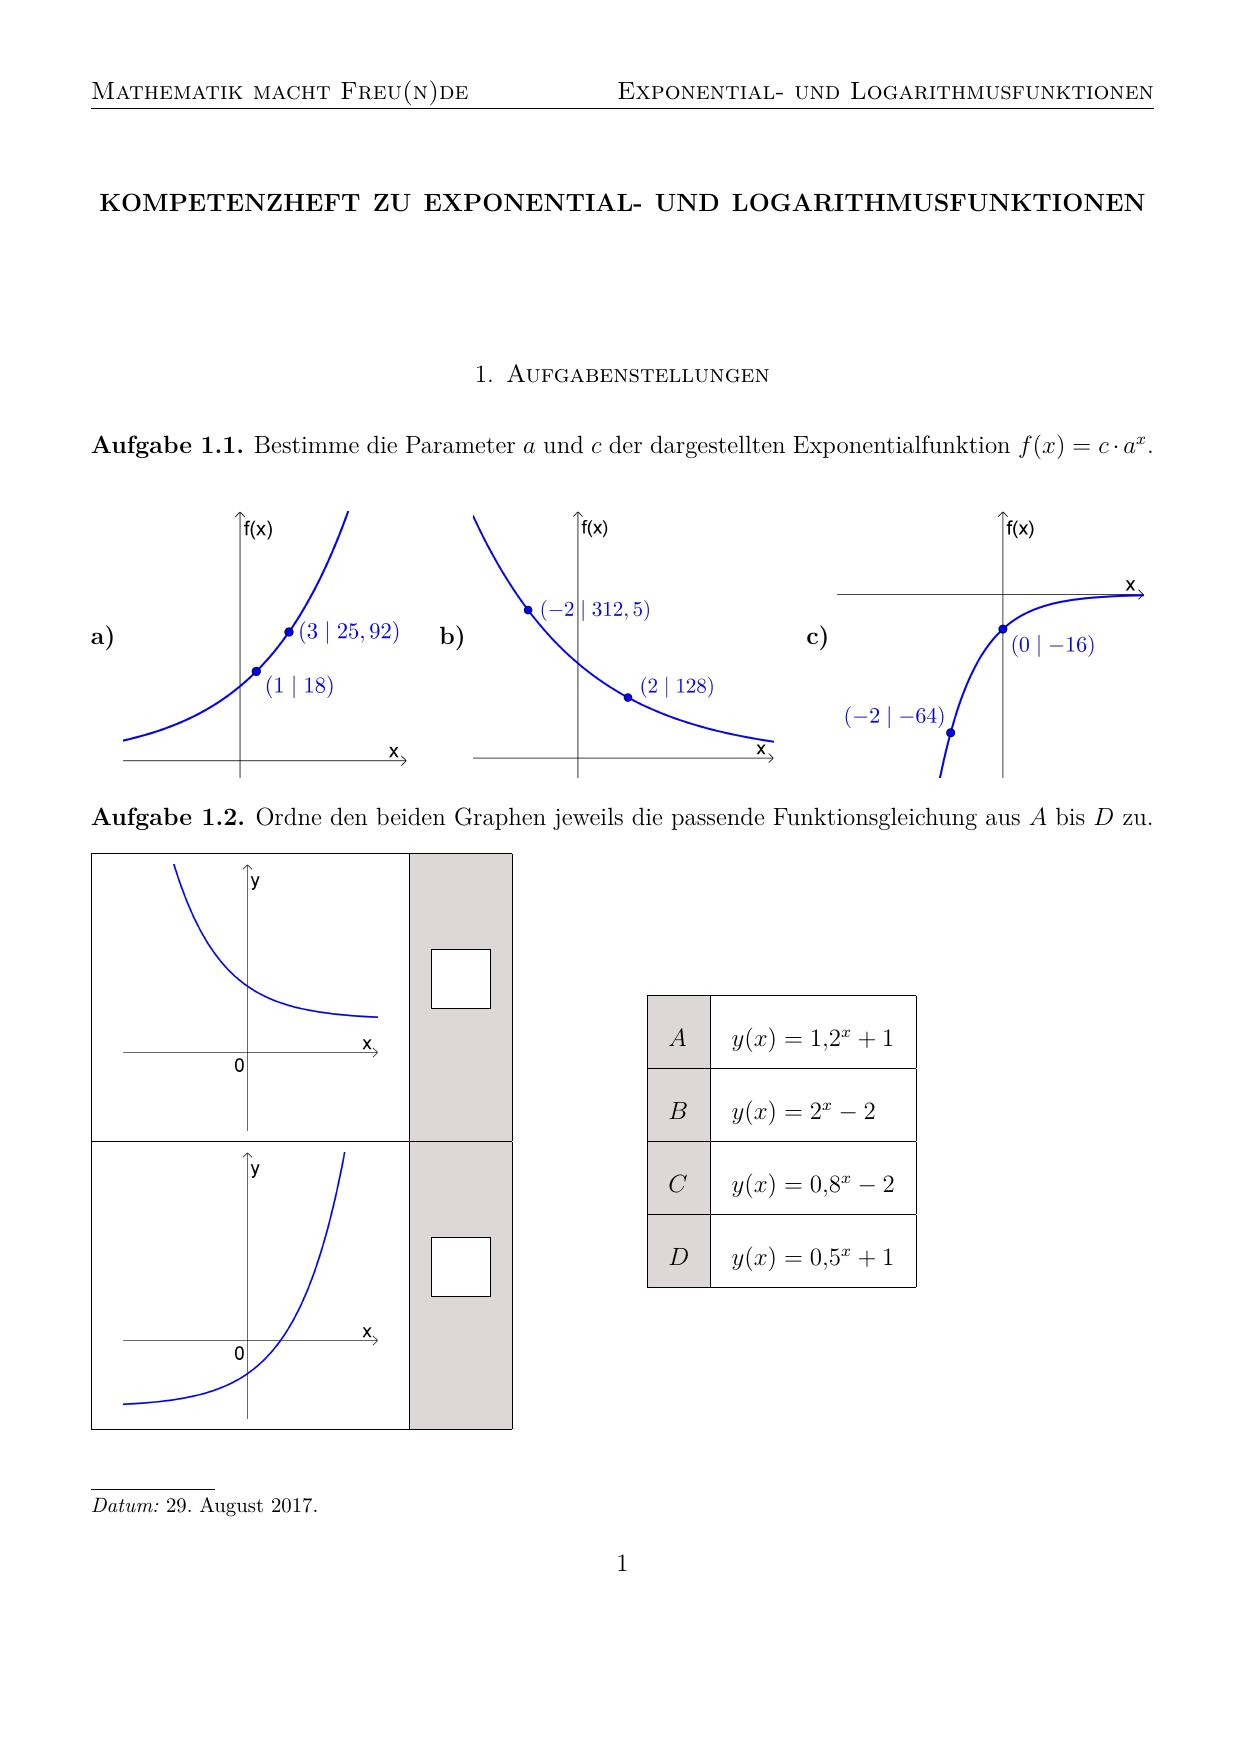 Exponential- und Logarithmusfunktionen